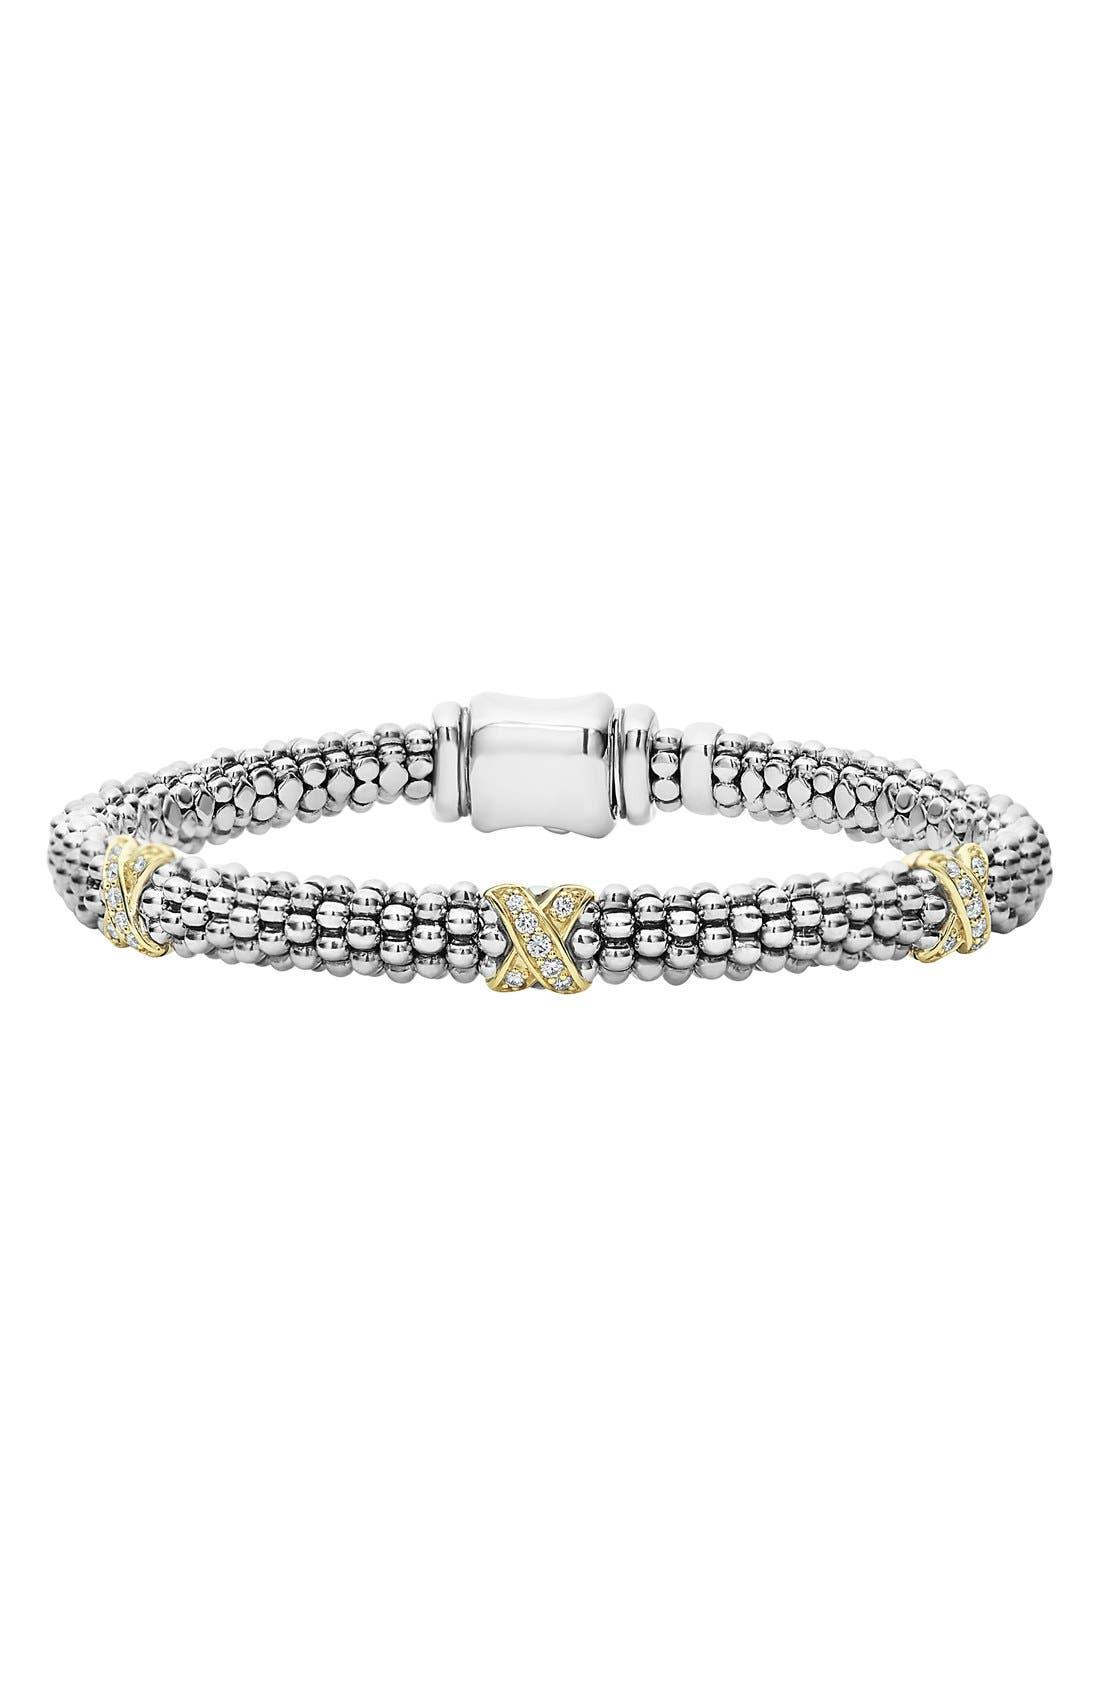 'Signature Caviar' Diamond Rope Bracelet,                         Main,                         color, Silver/ Gold